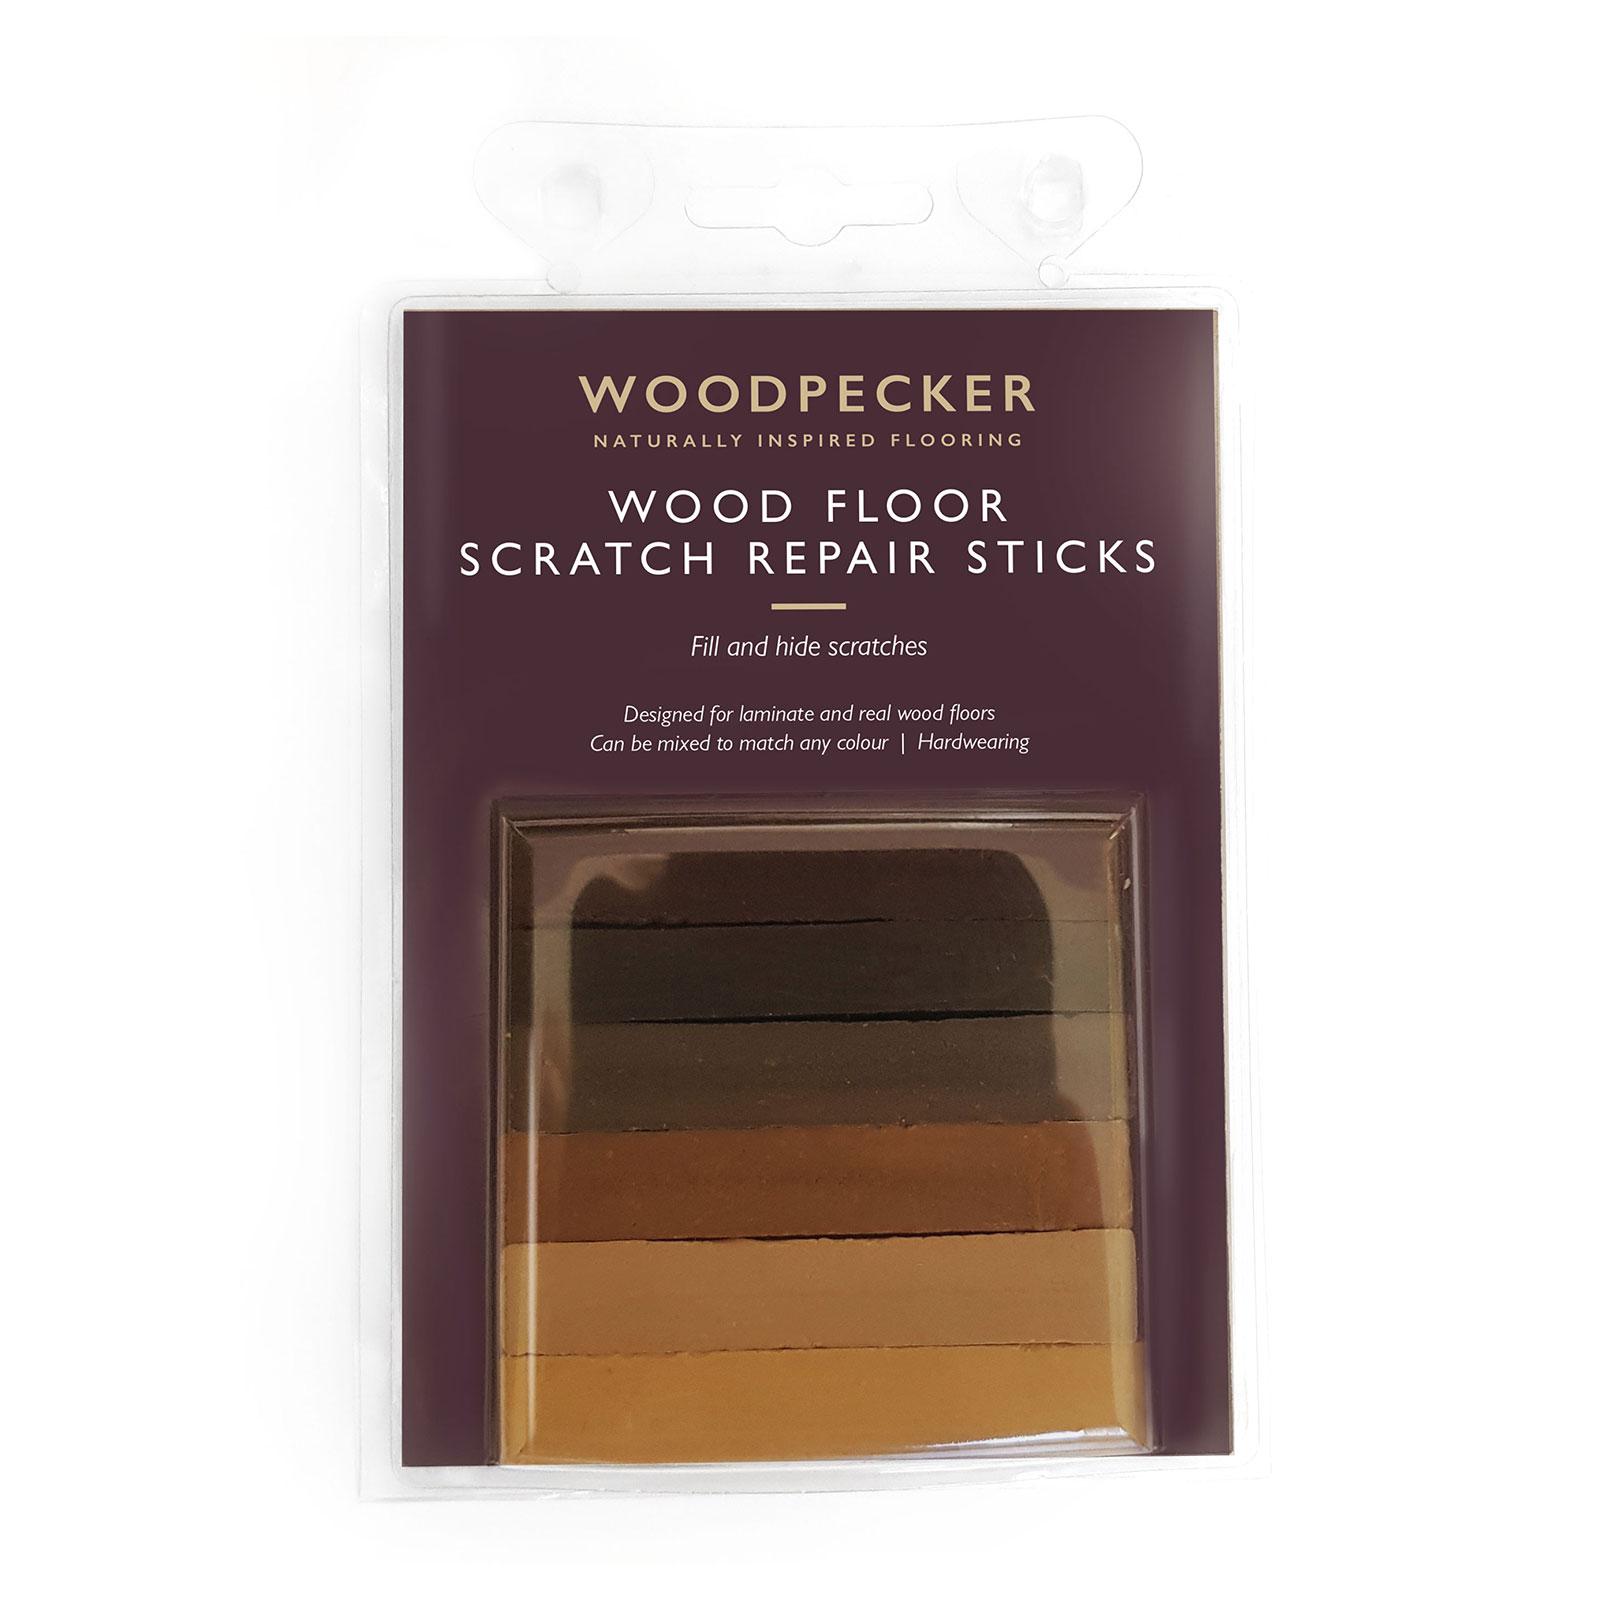 Scratch Repair Sticks Woodpecker Flooring